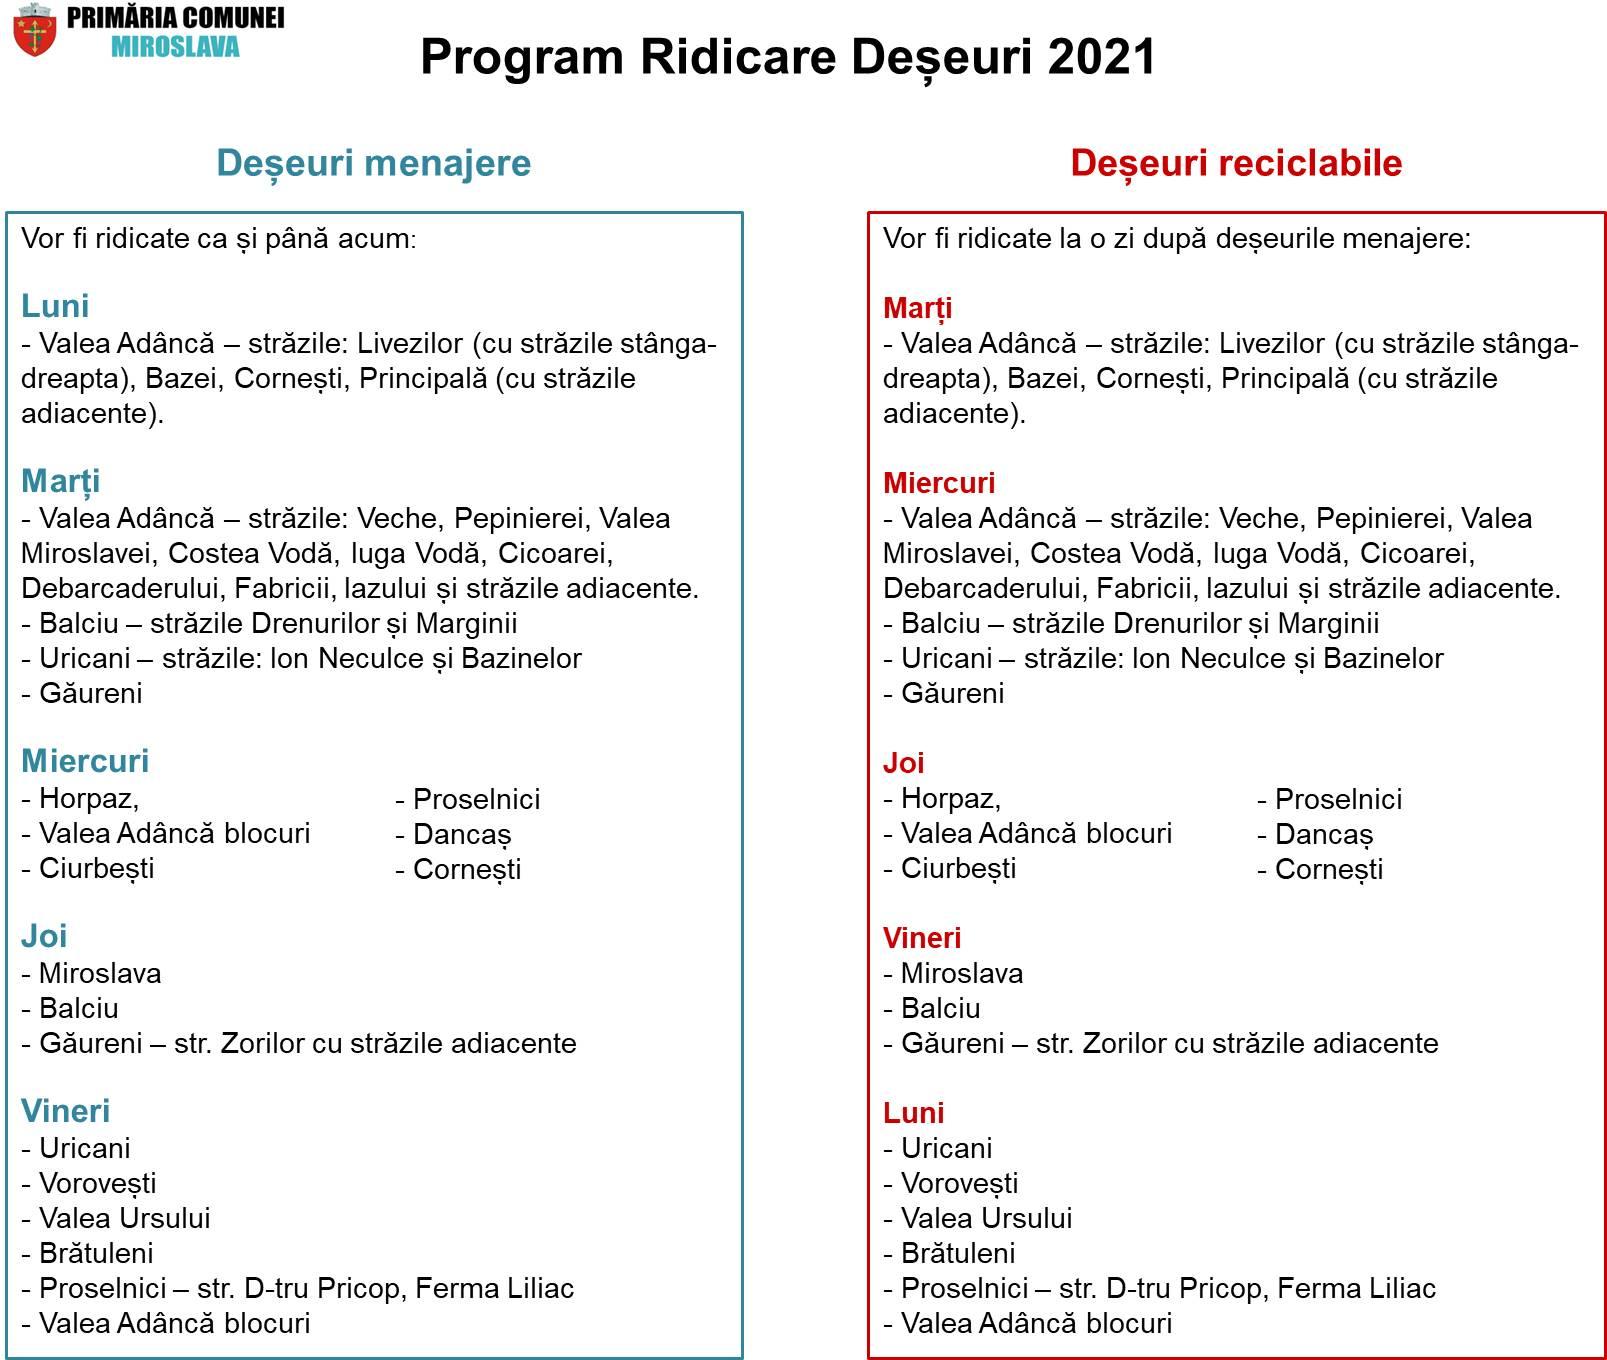 Program-ridicare-deseuri-2021